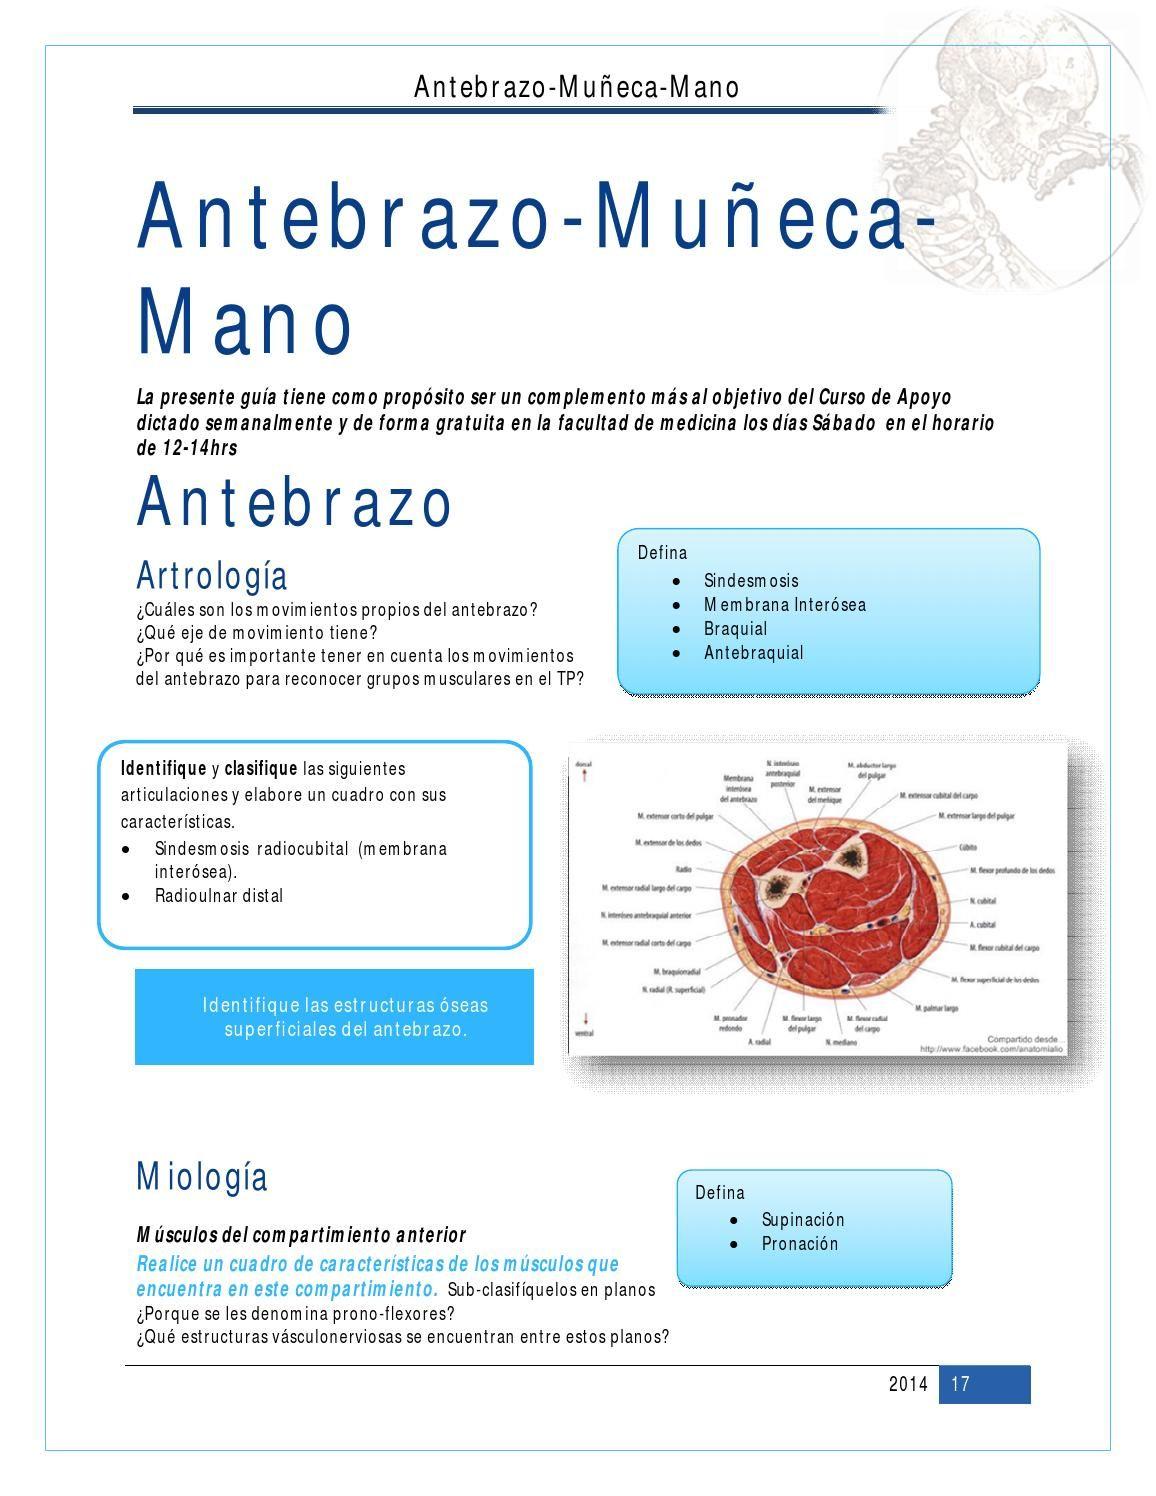 Antebrazo-Muñeca-Mano Cat1 | Pinterest | Anatomía y Muñecas